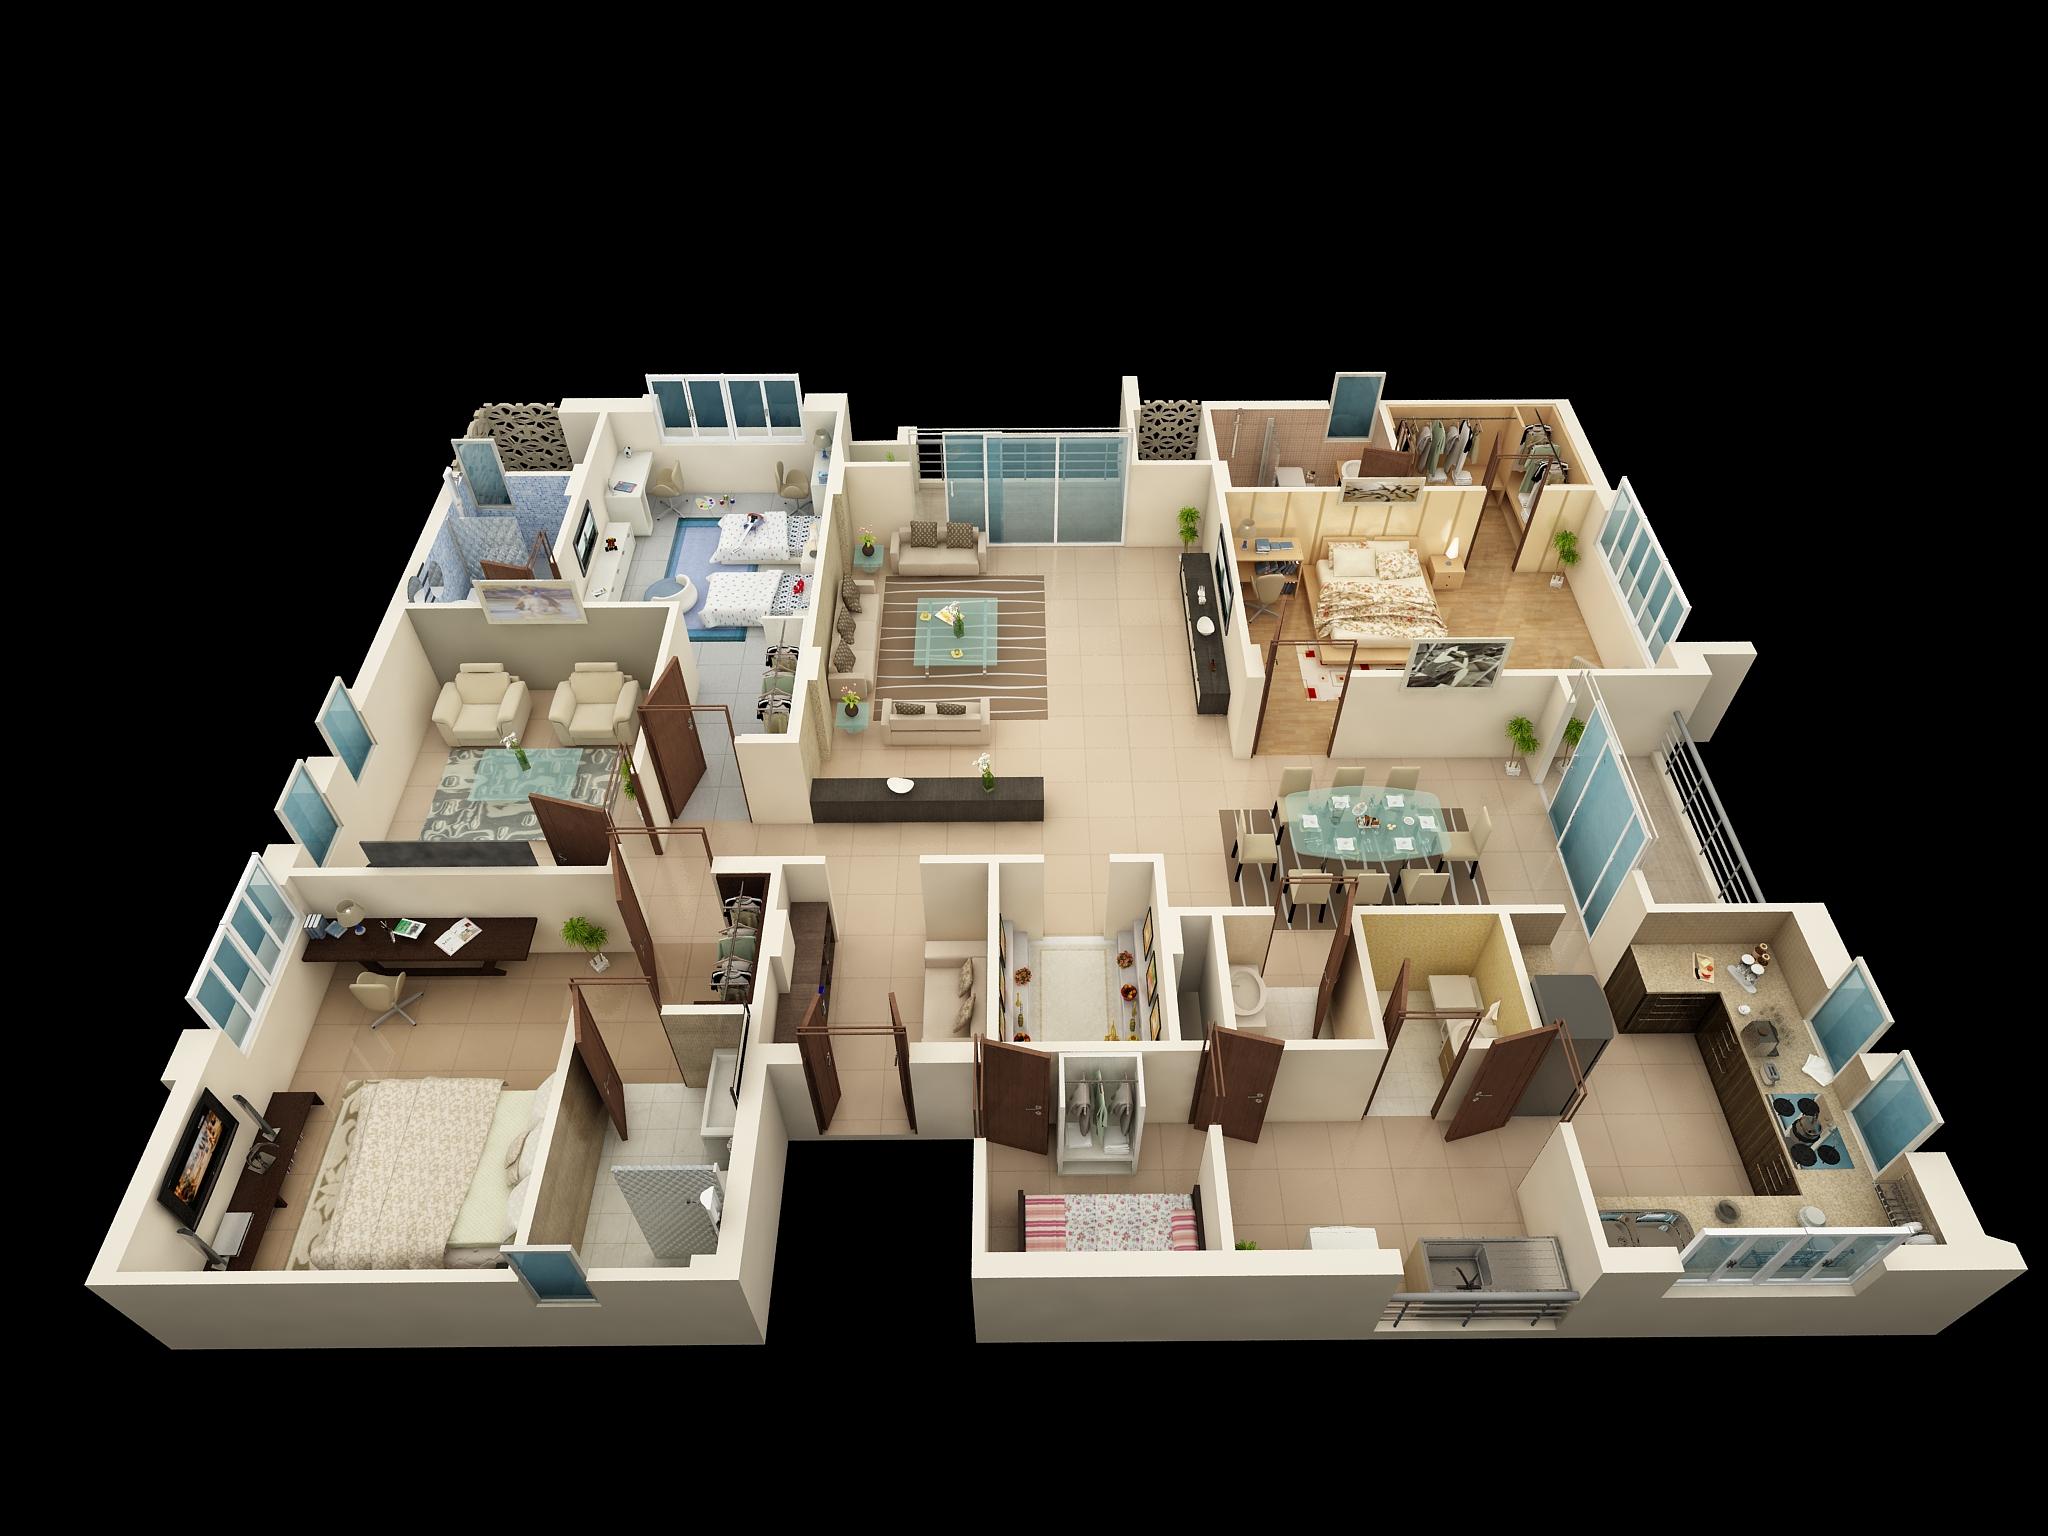 eminence layout 05_cam_02